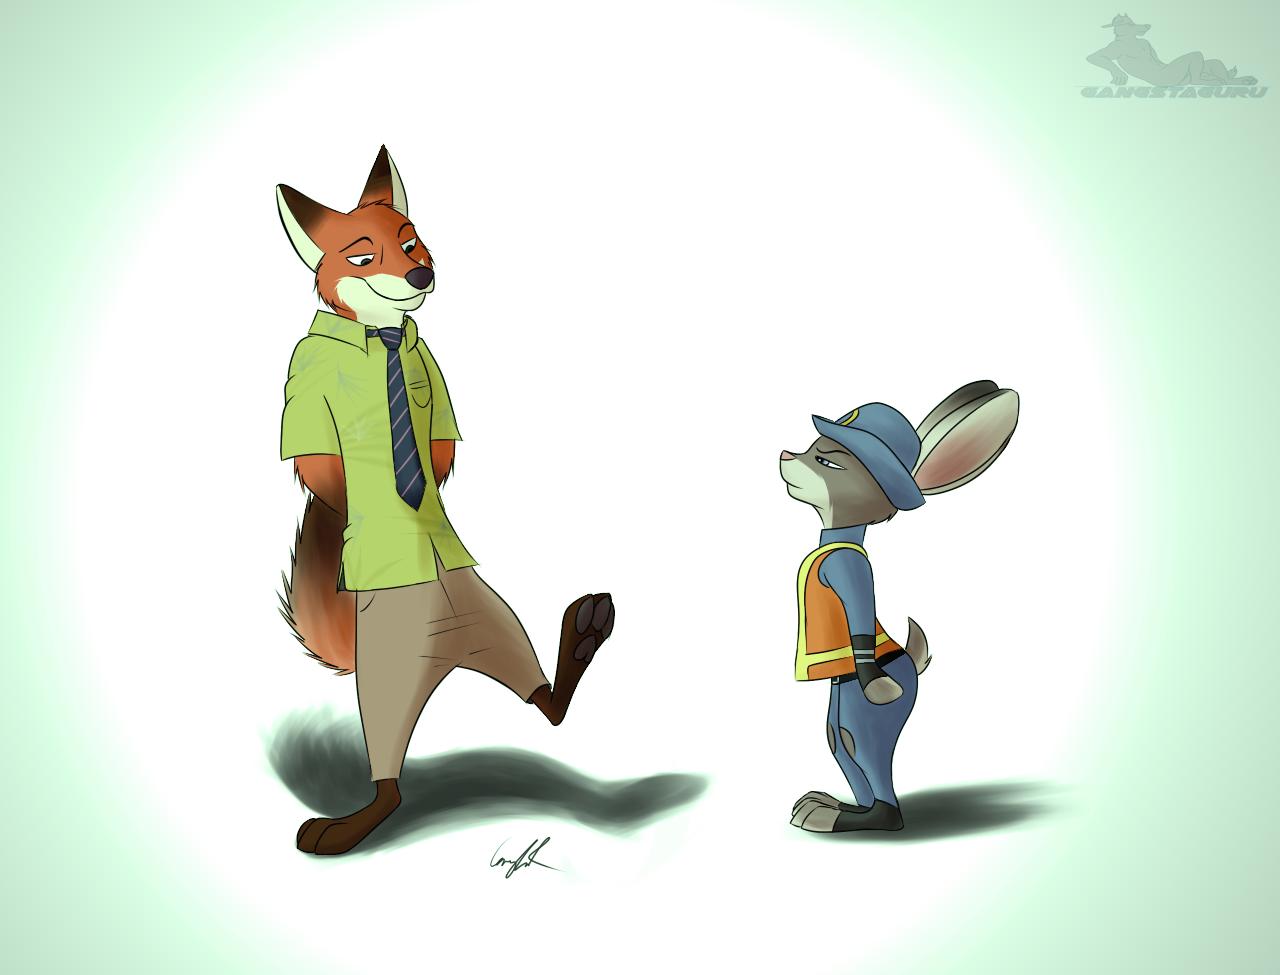 Popolare Nick and Judy (Zootopia Fan Art) — Weasyl YW54